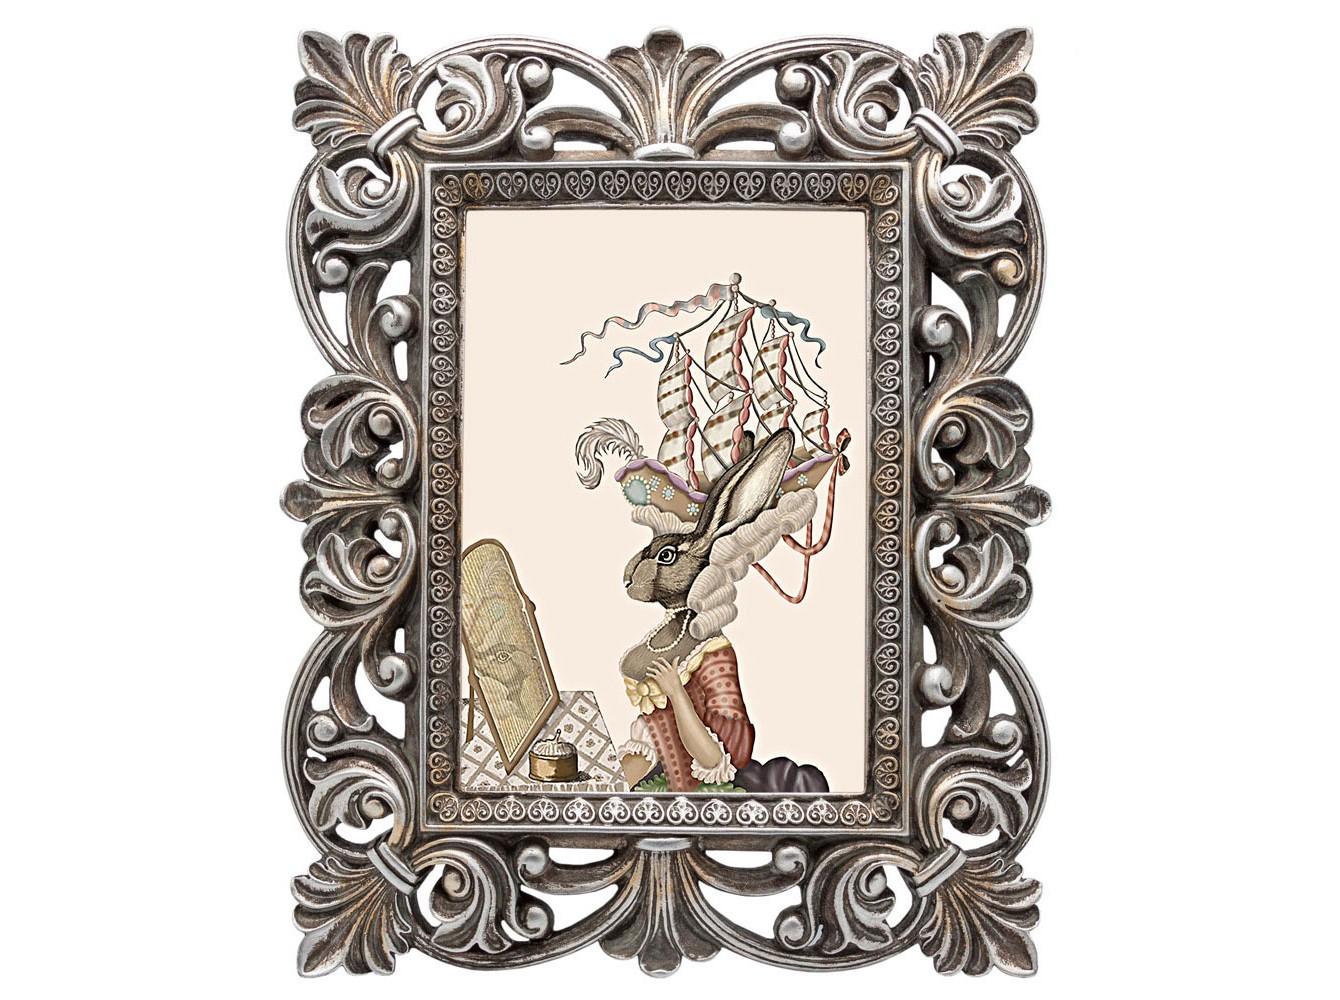 Репродукция Мария АнтуанеттаКартины<br>&amp;lt;div&amp;gt;Пышный винтажный узор рамы - словно ожившие воспоминания из прошлых столетий. Элементы старины навевают искренность и обаяние. Создайте в своем доме живую обстановку, где интерьер станет главным персонажем, а фееричные репродукции расскажут занятные истории о людях, вещах и целых эпохах.Задумав обновить интерьер, достаточно лишь легким движением заменить изображение внутри рамы. Рама, снабженная настенным креплением и настольной подставкой, готова украсить любой уголок Вашего дома. Просторные скобы обеспечивают удобное и прочное крепление к стене. Благодаря двухсторонним скобам, можно использовать и вертикальные, и горизонтальные изображения. Защитное стекло оберегает изображение от влаги и ультрафиолетовых лучей.&amp;lt;/div&amp;gt;&amp;lt;div&amp;gt;&amp;lt;br&amp;gt;&amp;lt;/div&amp;gt;&amp;lt;div&amp;gt;Материал: рама полистоун, защитное стекло, профессиональная печать на дизайнерской бумаге.&amp;lt;/div&amp;gt;&amp;lt;div&amp;gt;&amp;lt;br&amp;gt;&amp;lt;/div&amp;gt;<br><br>&amp;lt;iframe width=&amp;quot;530&amp;quot; height=&amp;quot;360&amp;quot; src=&amp;quot;https://www.youtube.com/embed/3vitXSFtUrE&amp;quot; frameborder=&amp;quot;0&amp;quot; allowfullscreen=&amp;quot;&amp;quot;&amp;gt;&amp;lt;/iframe&amp;gt;<br><br>Material: Полистоун<br>Ширина см: 22.0<br>Высота см: 27.0<br>Глубина см: 3.0